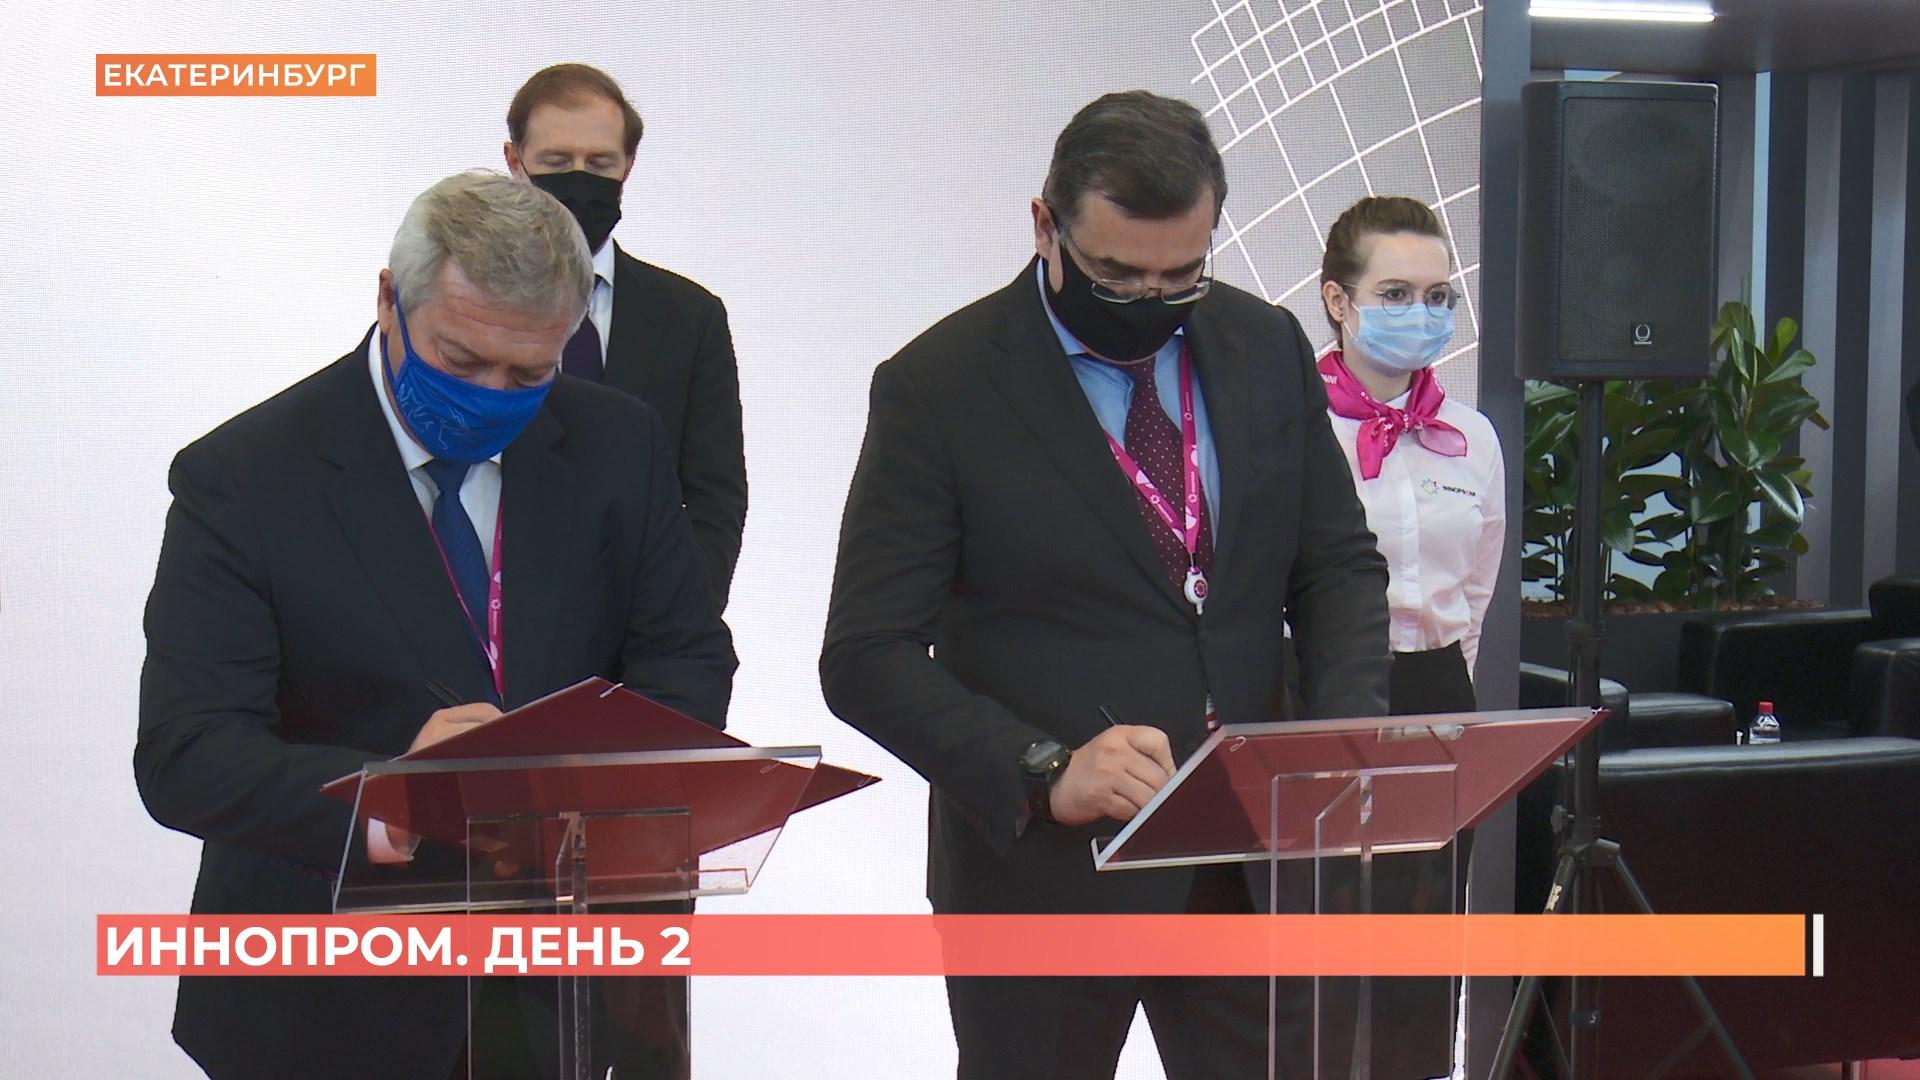 41 миллиард рублей инвестиций в донской регион: в Екатеринбурге прошёл второй день Иннопрома